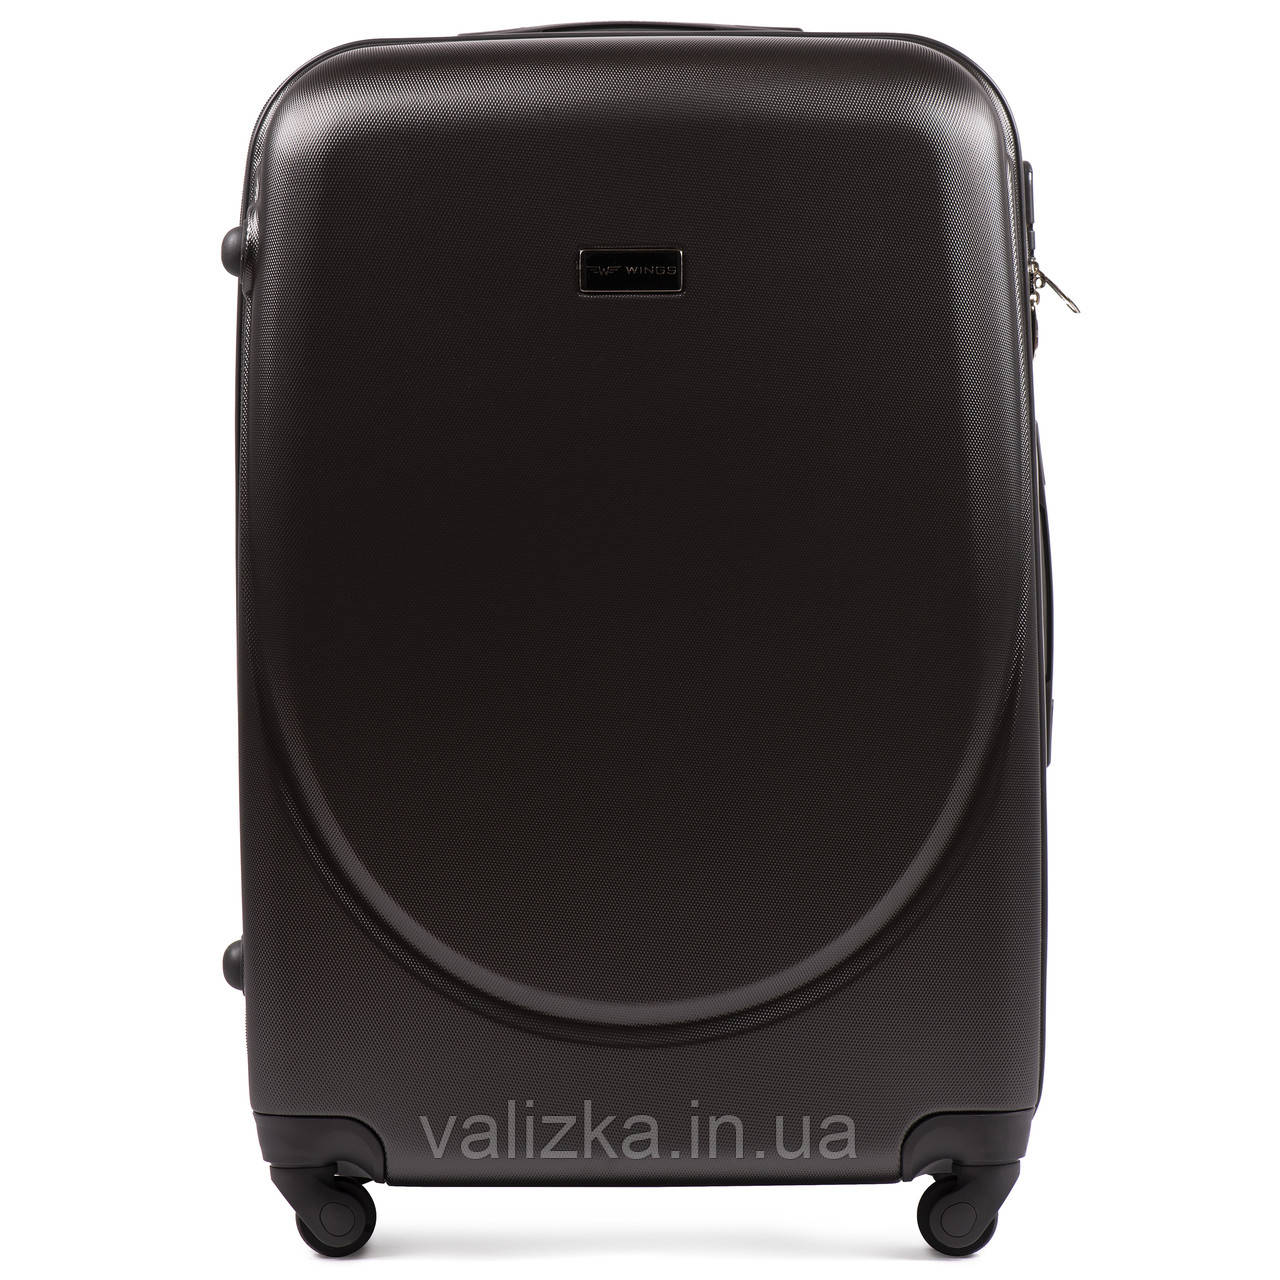 Большой пластиковый чемодан с фурнитурой в цвет темно-серый